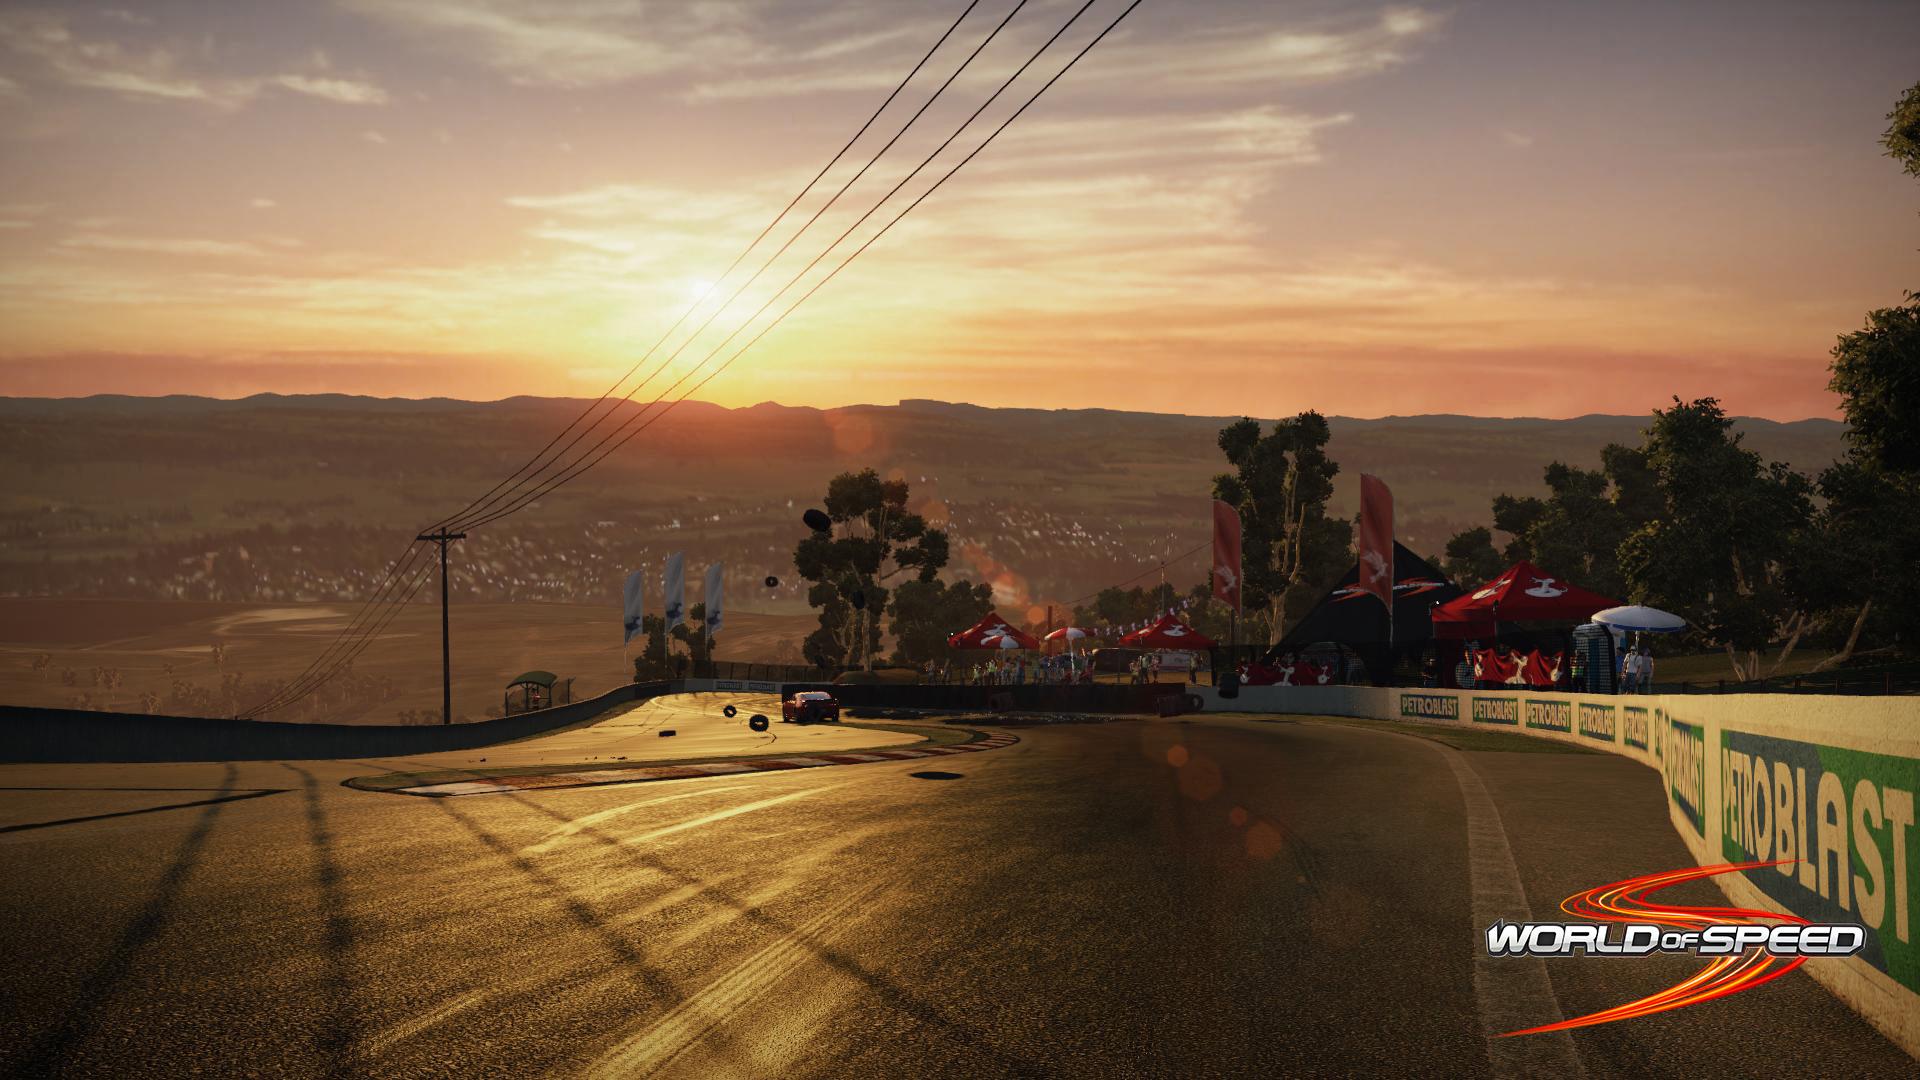 Ngắm trường đua Bathurst trong World of Speed - Ảnh 1